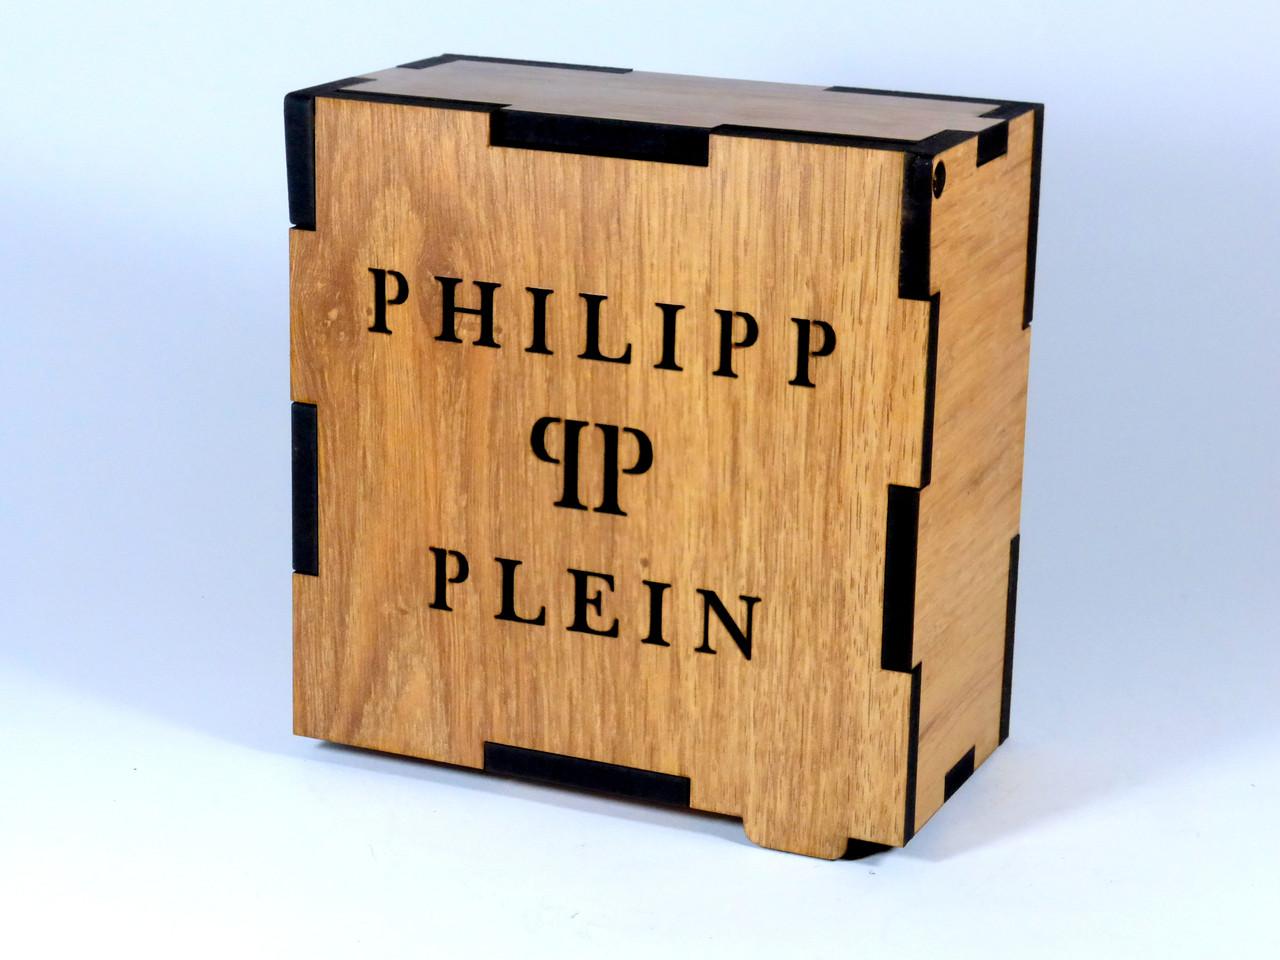 Подарочная деревянная коробка для ремней PHILIPP PLEIN (реплика)